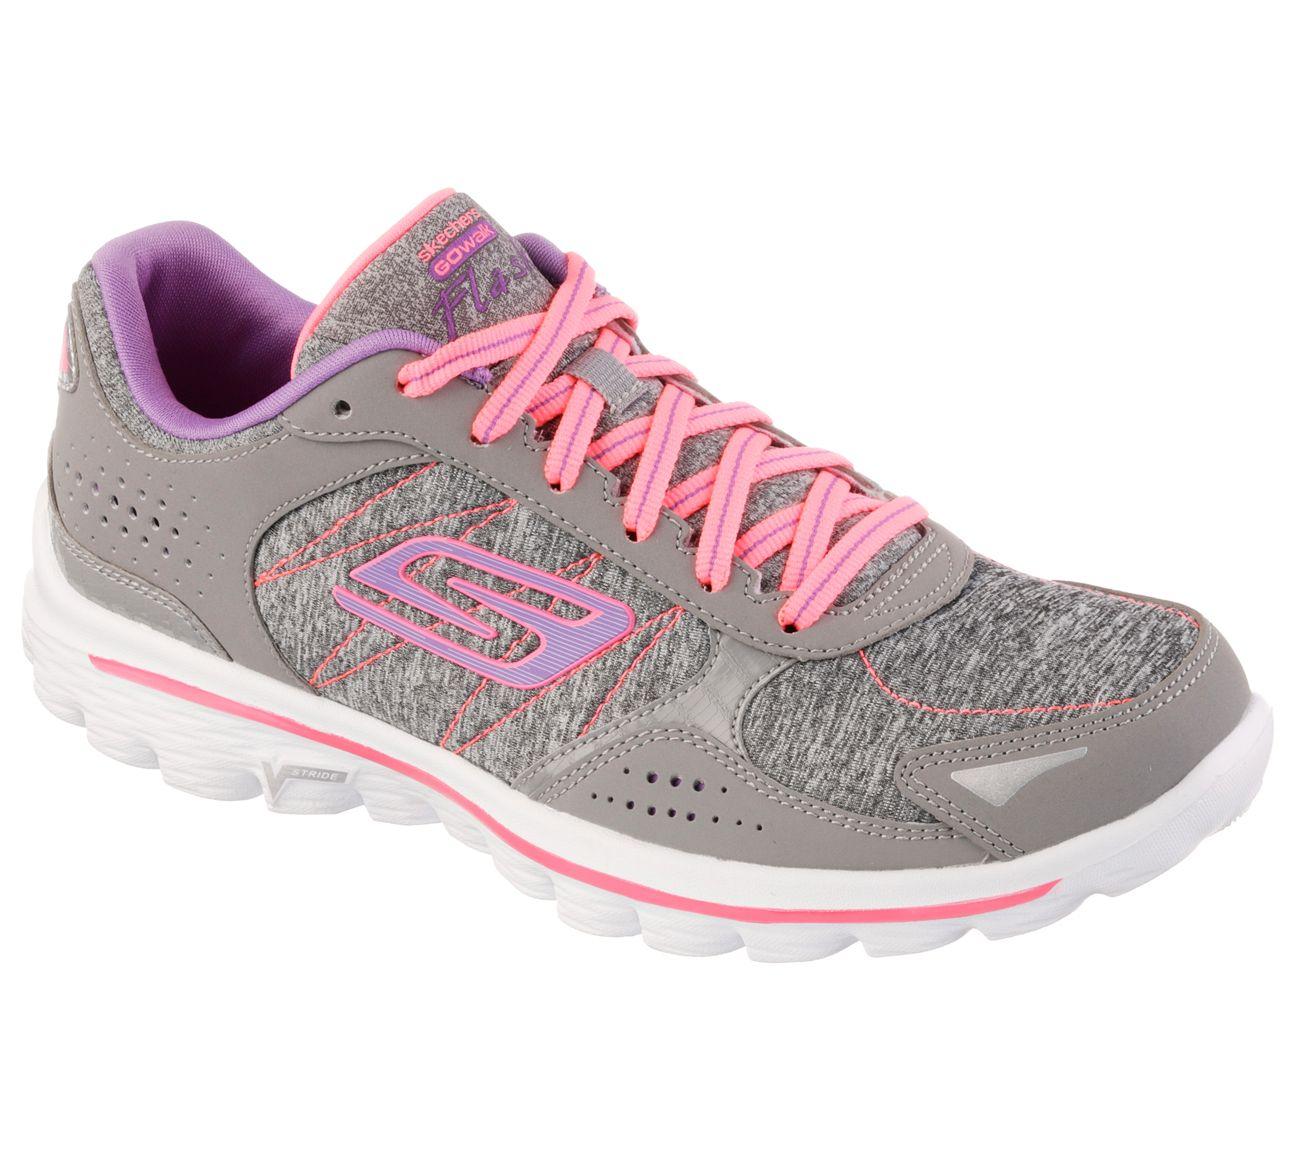 Gowalk 2 Flash Gym Walking Shoes Women Skechers Skechers